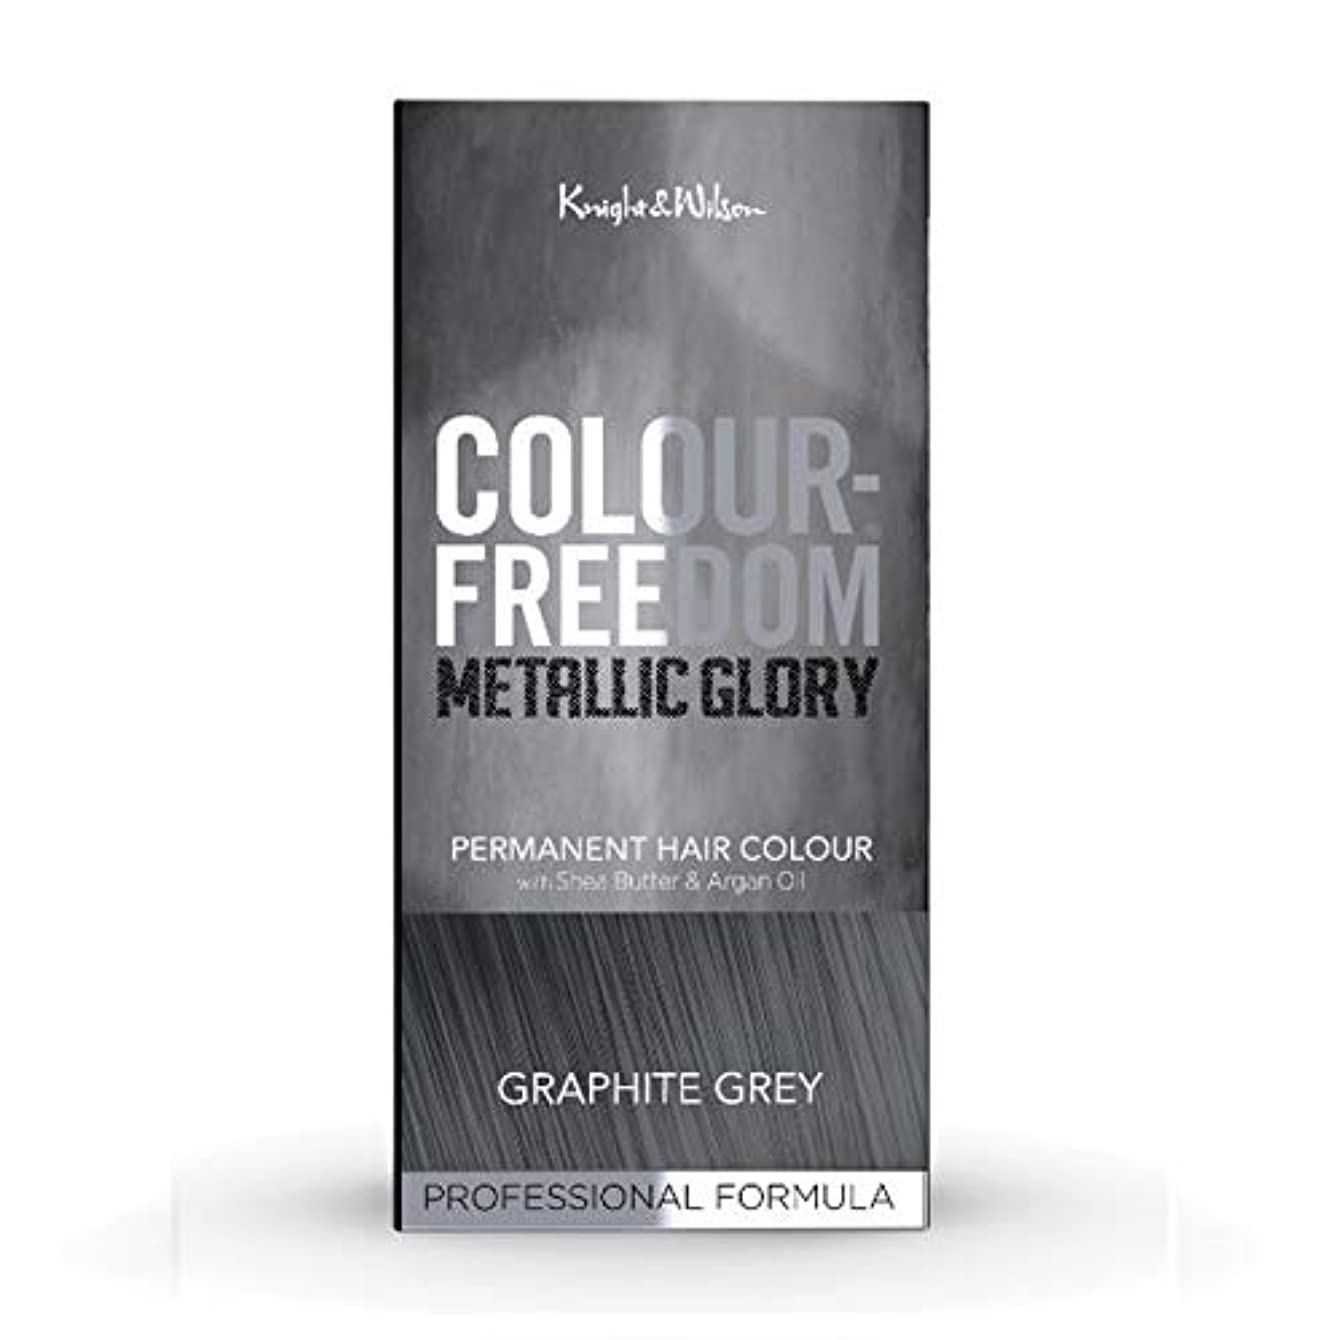 葉っぱ陪審失礼な[Colour Freedom ] 色自由金属栄光グラファイトグレー617 - Colour Freedom Metallic Glory Graphite Grey 617 [並行輸入品]